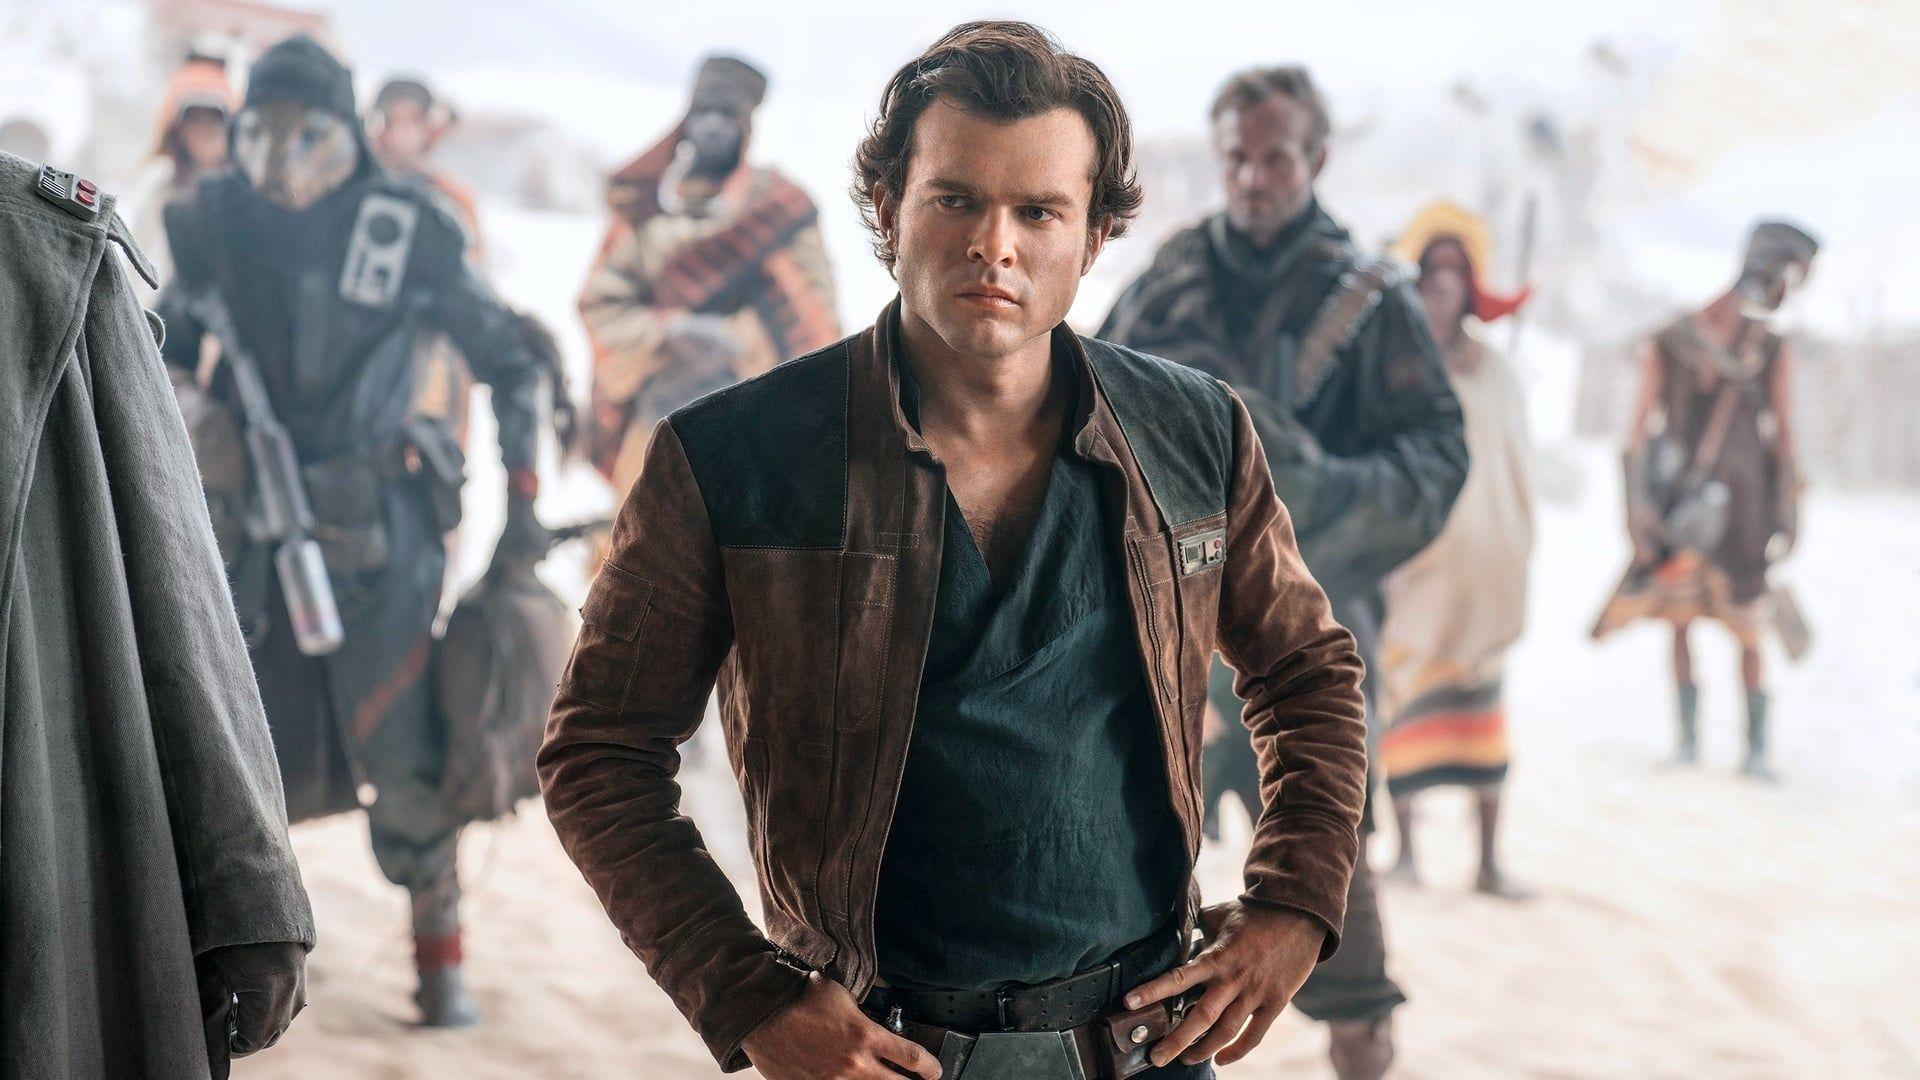 Solo A Star Wars Story 2018 Ganzer Film Deutsch Komplett Kino Im Mittelpunkt Steht Der Junge Schmuggler Han Solo Dessen Erstes Gross Star Wars Darth Vader Sith